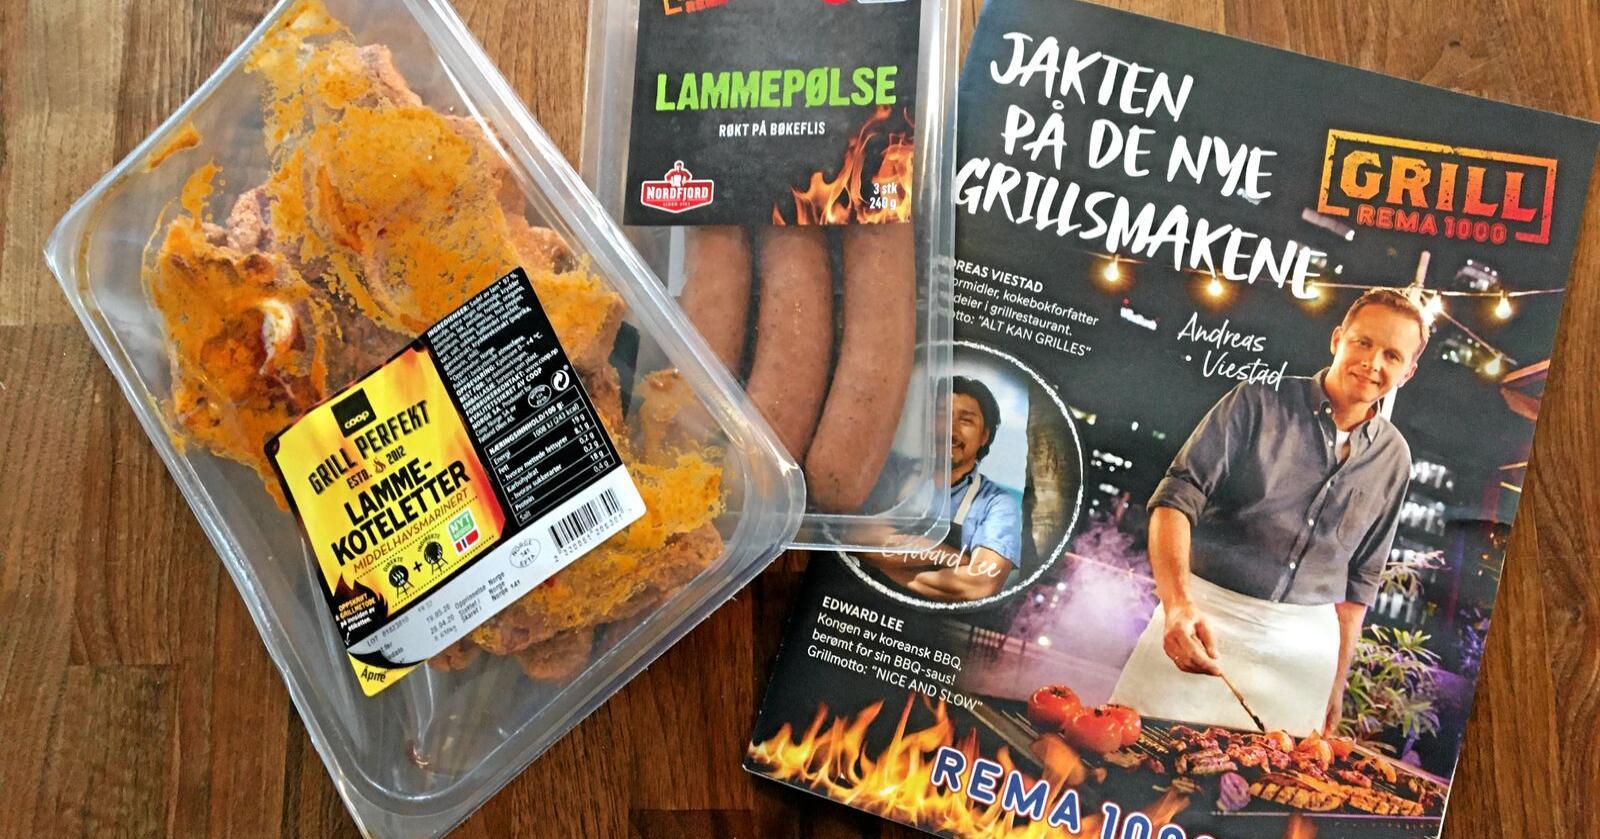 Lite omtalt : Du finner lammekjøtt til grillen - om du leter litt. Foto: Hans Bårdsgård